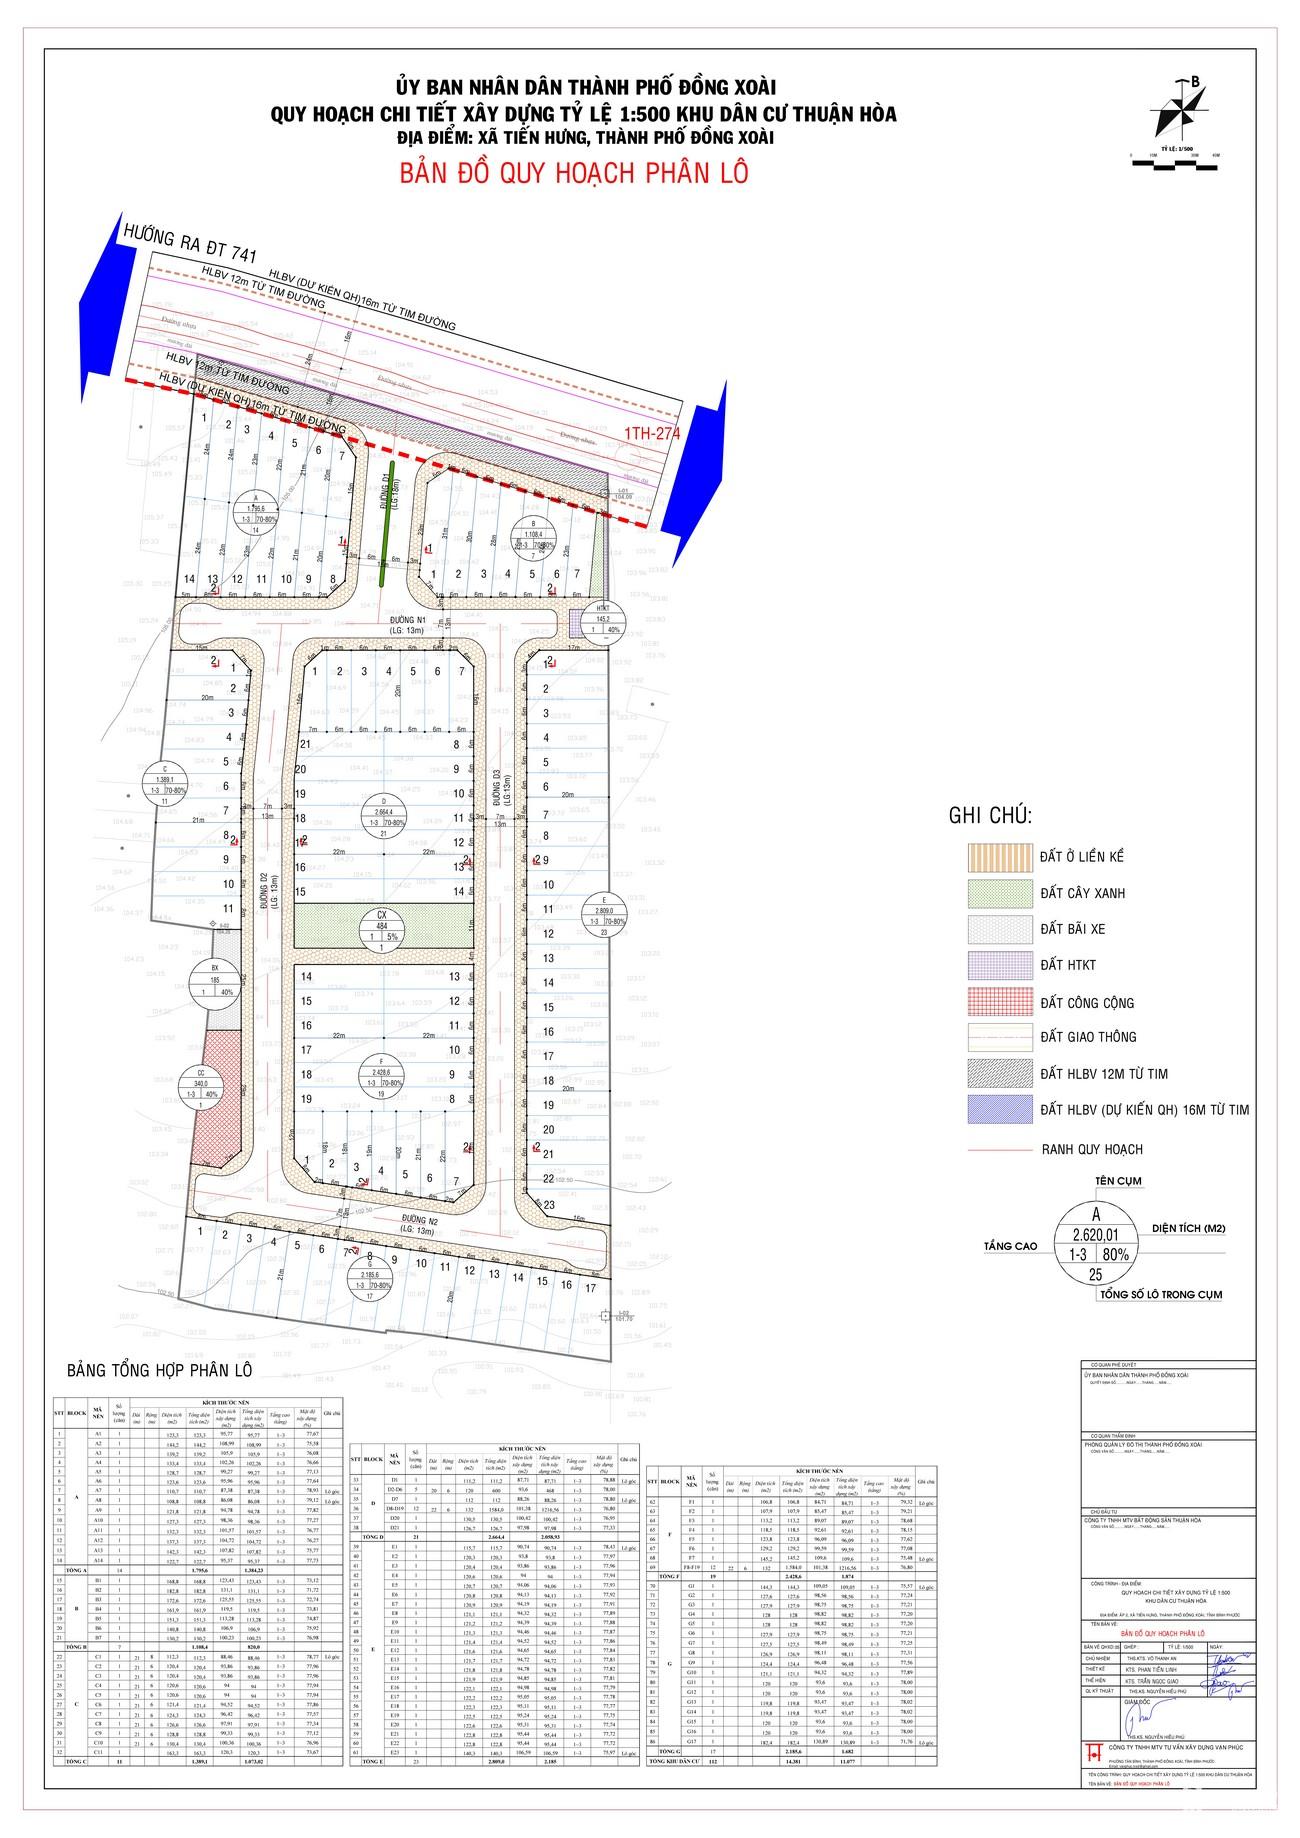 Mặt bằng dự án đất nền nhà phố Thuận Hòa Lucky Home Đồng Xoài Đường DT741 chủ đầu tư Thuận Hòa